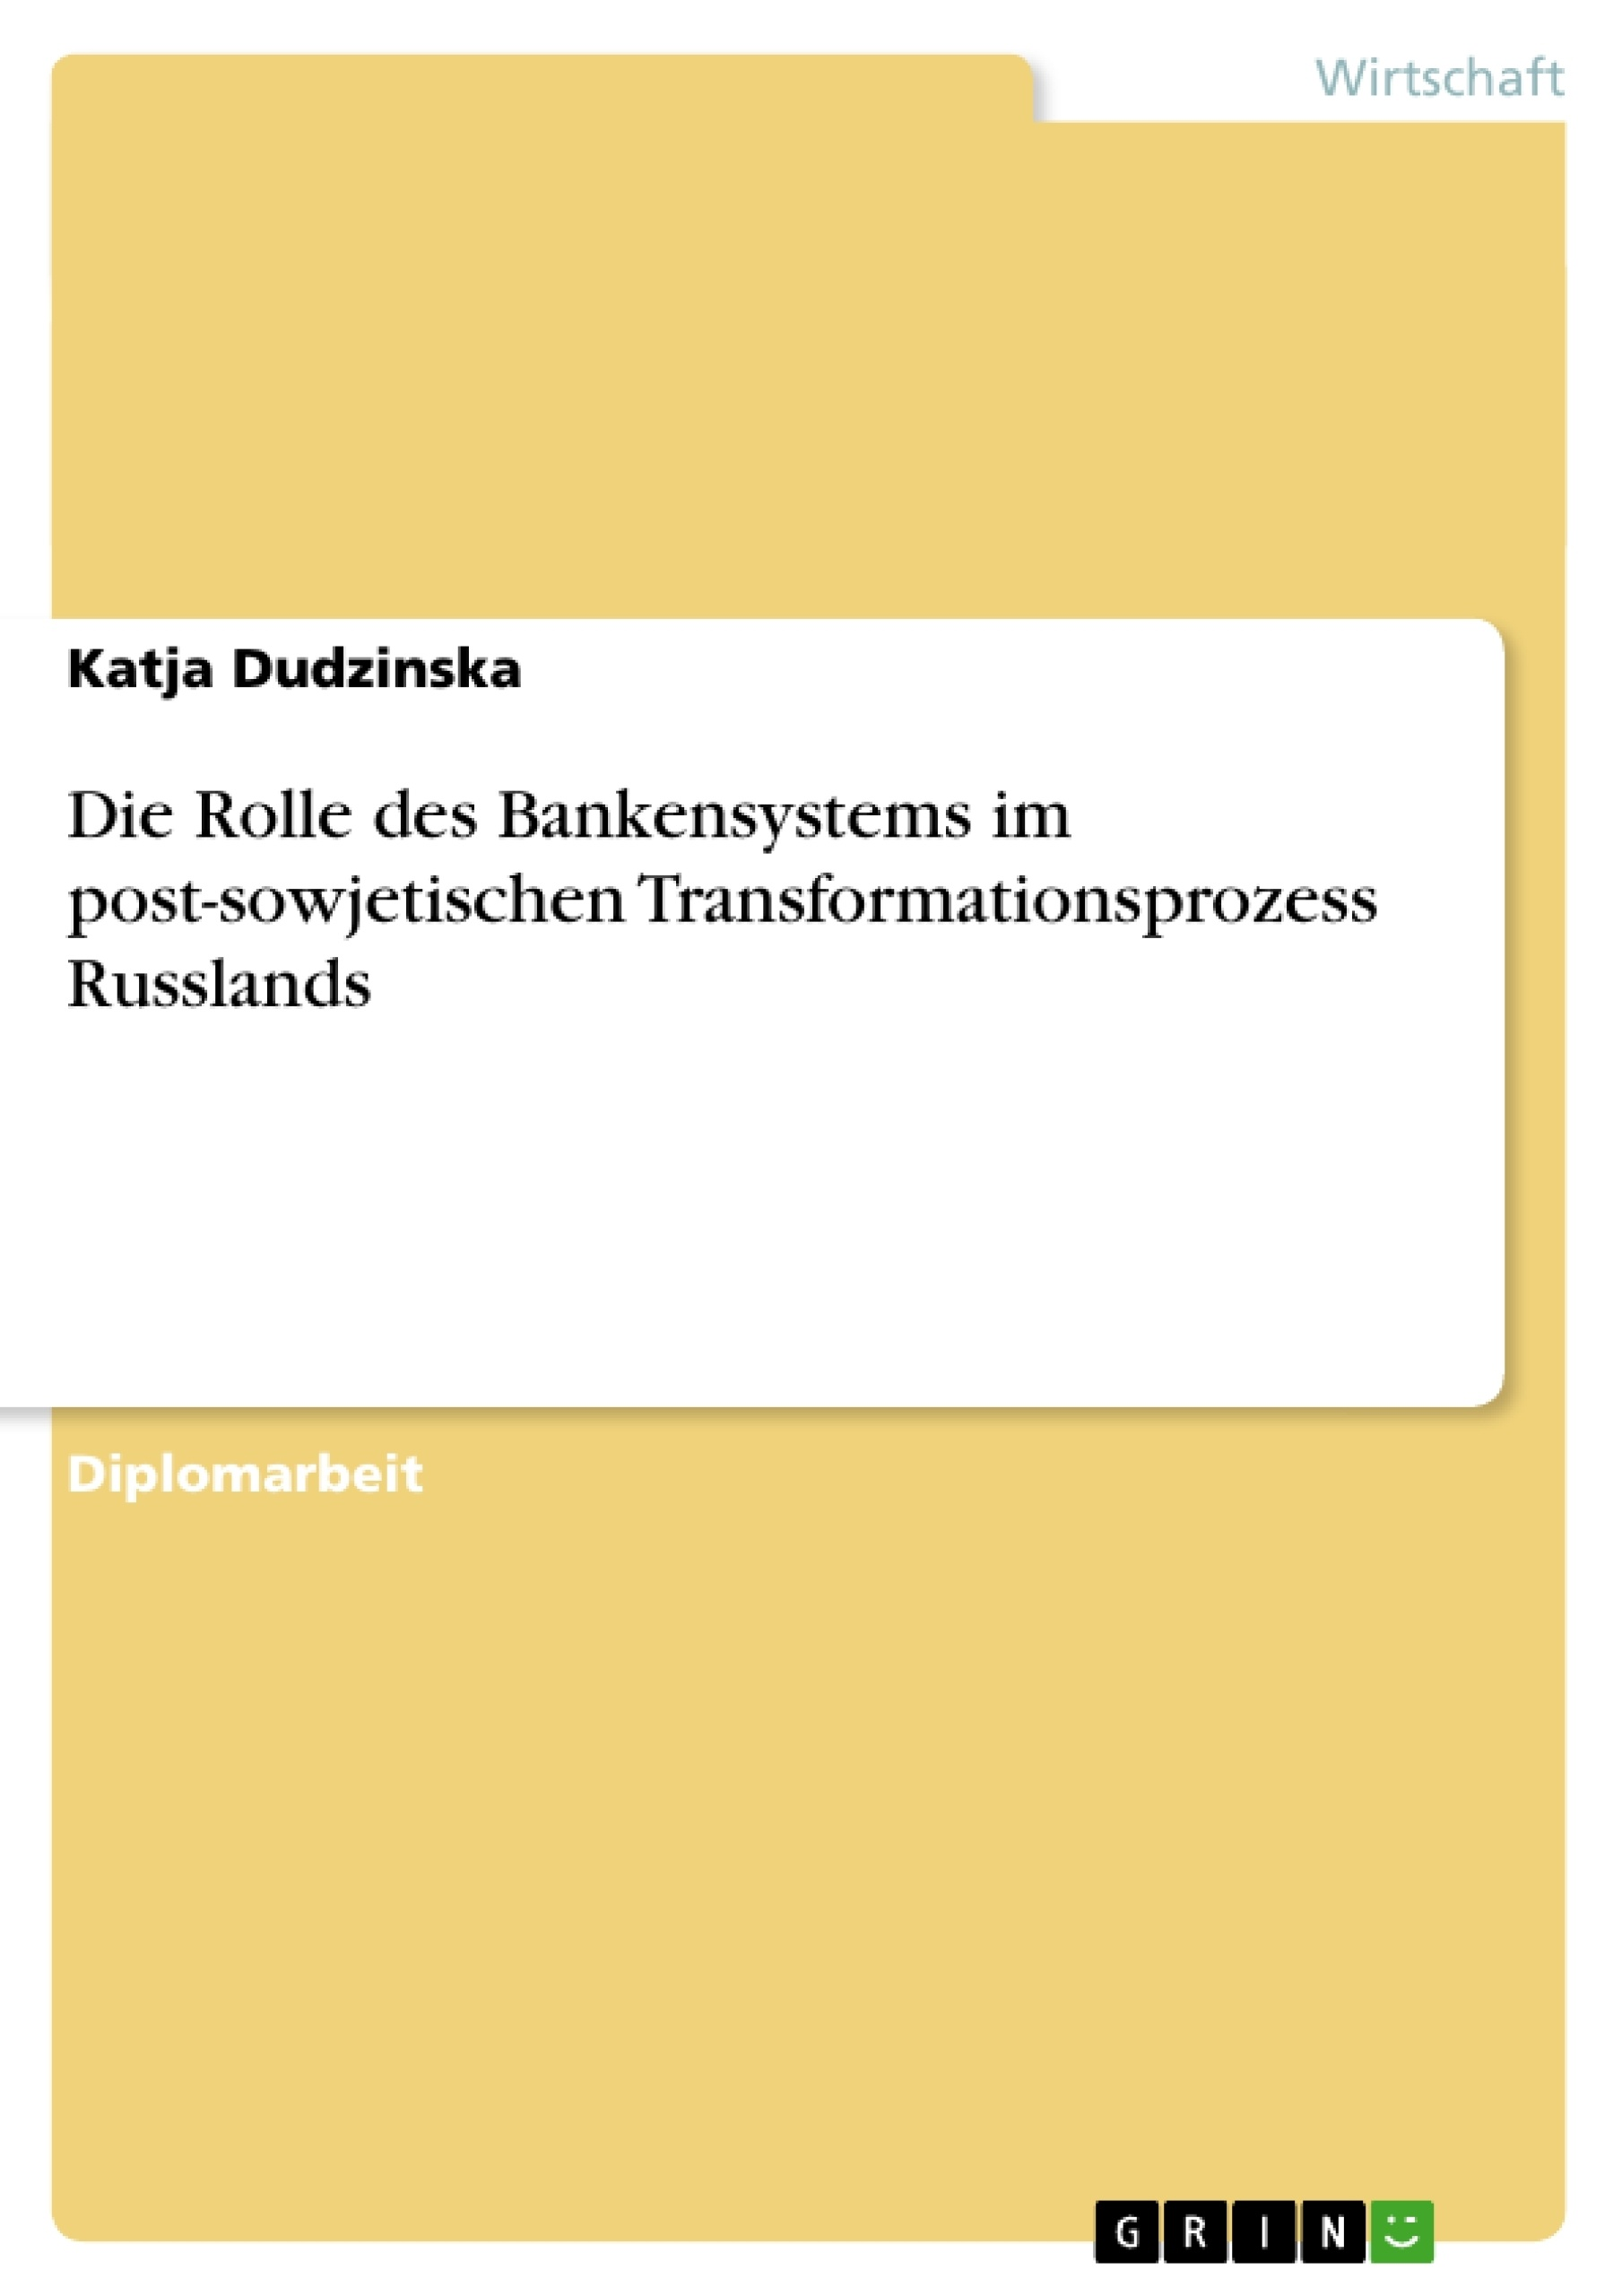 Titel: Die Rolle des Bankensystems im post-sowjetischen Transformationsprozess Russlands